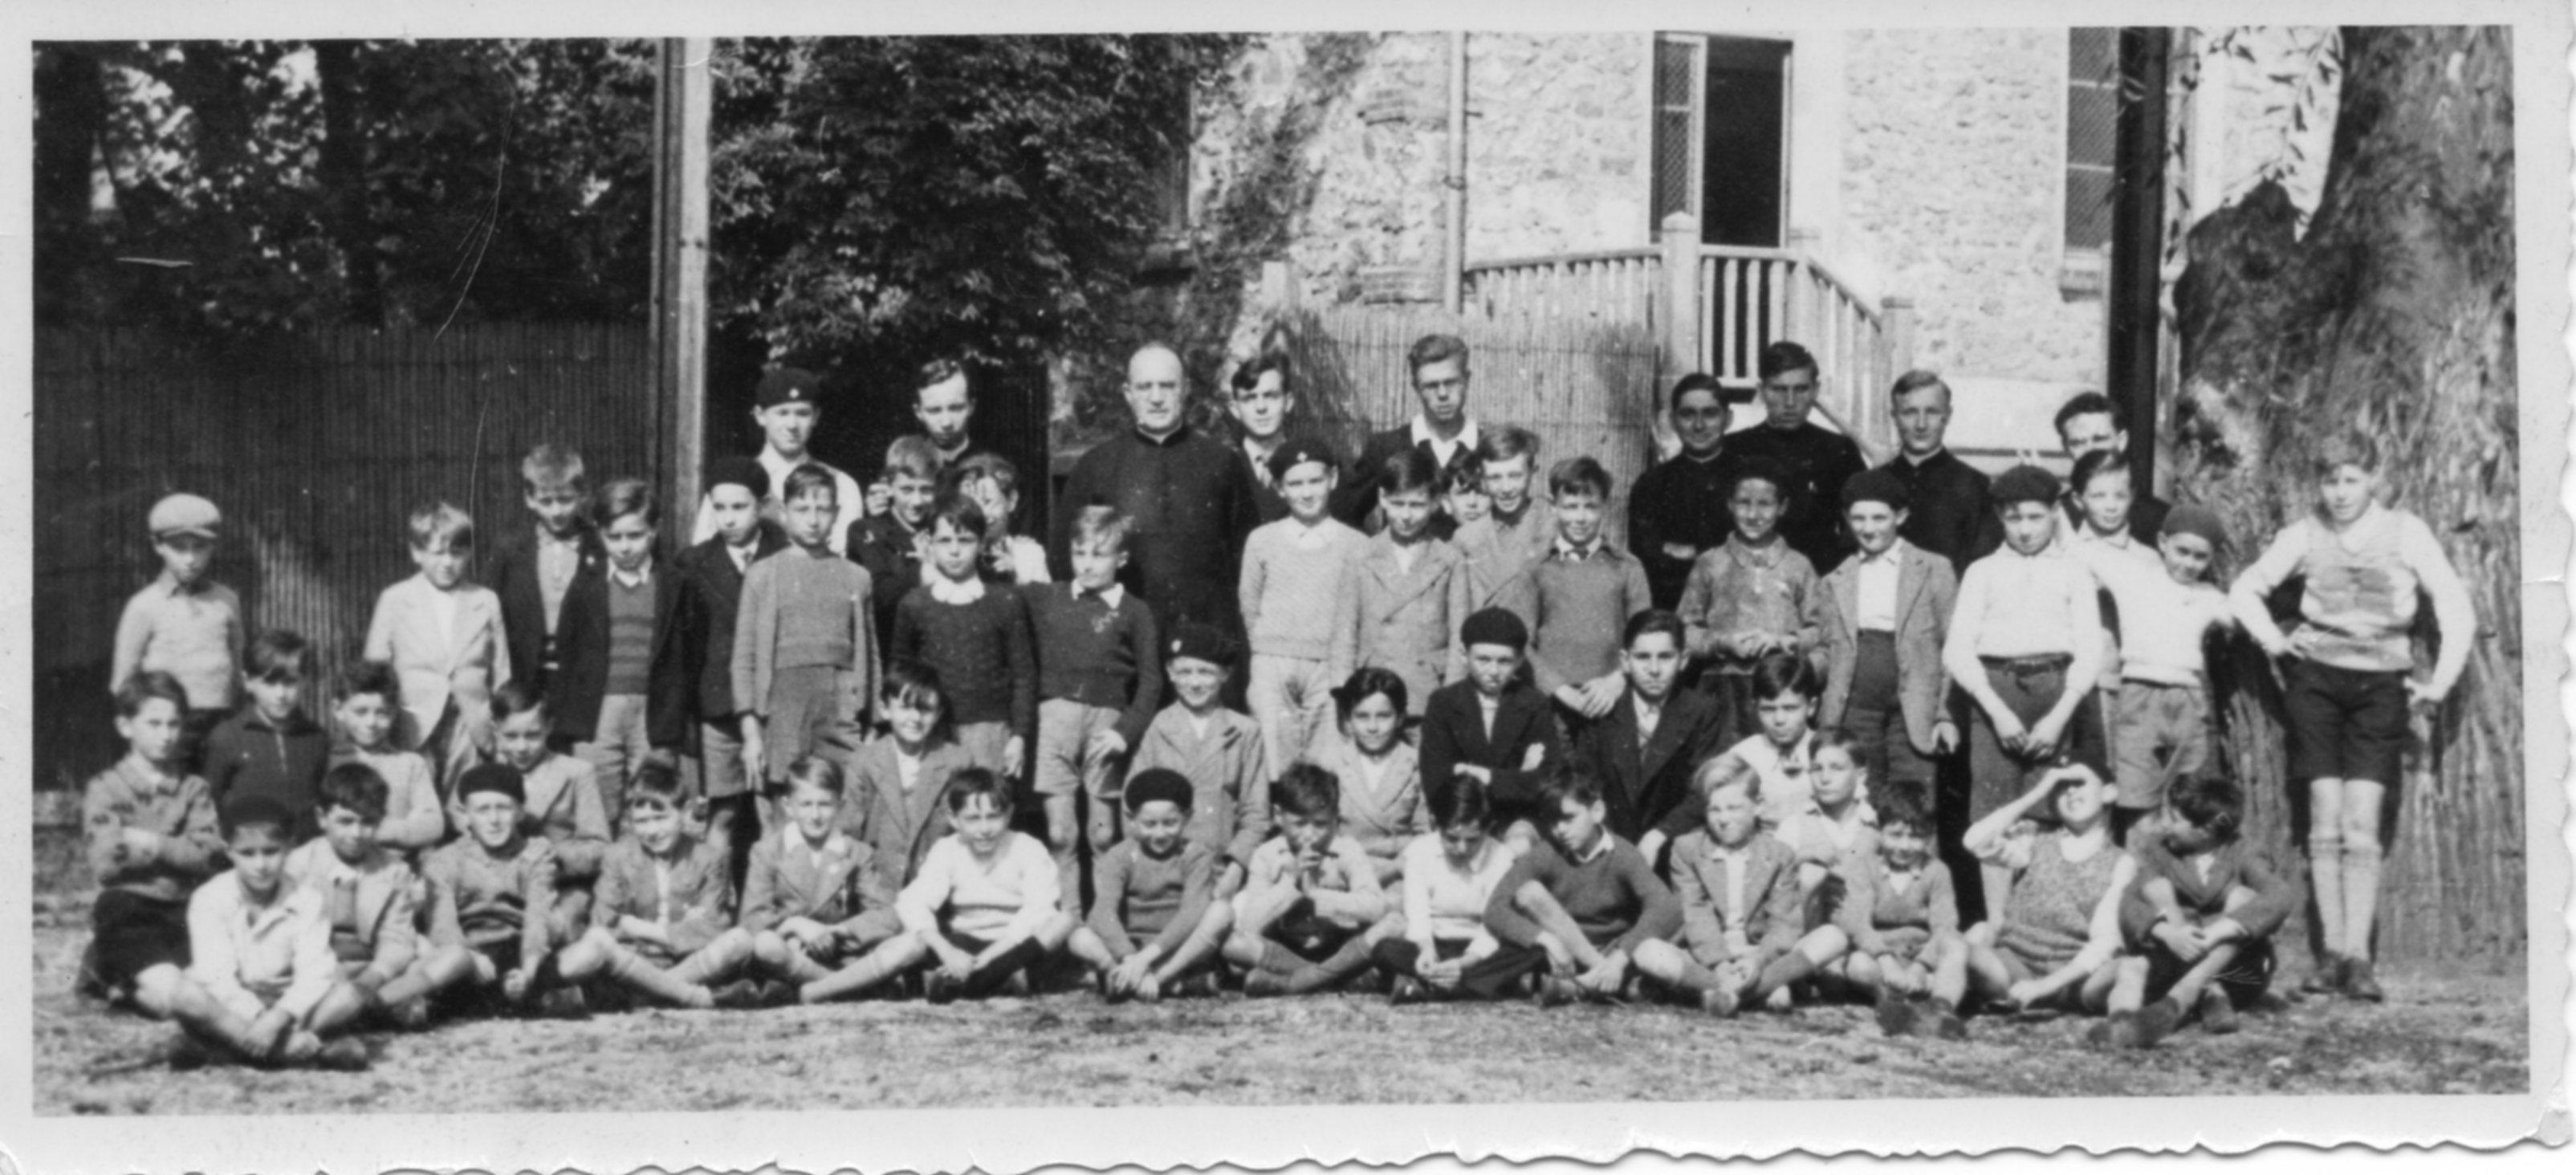 http://www.pussayetsonpays.fr/wp-content/uploads/2012/03/1936-Retraite-enfants-de-choeur.jpg